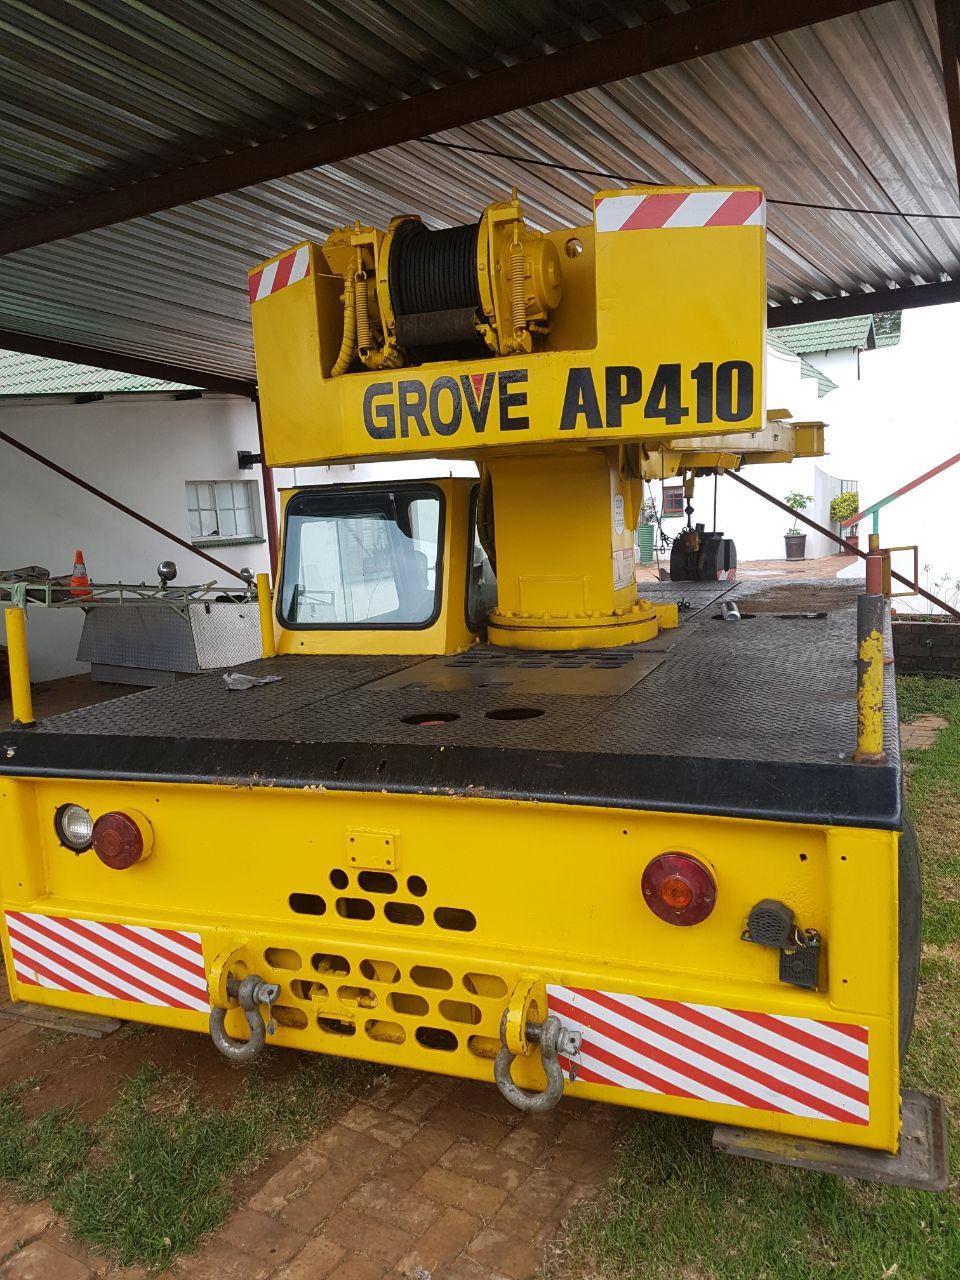 Grove AP410 mobile crane